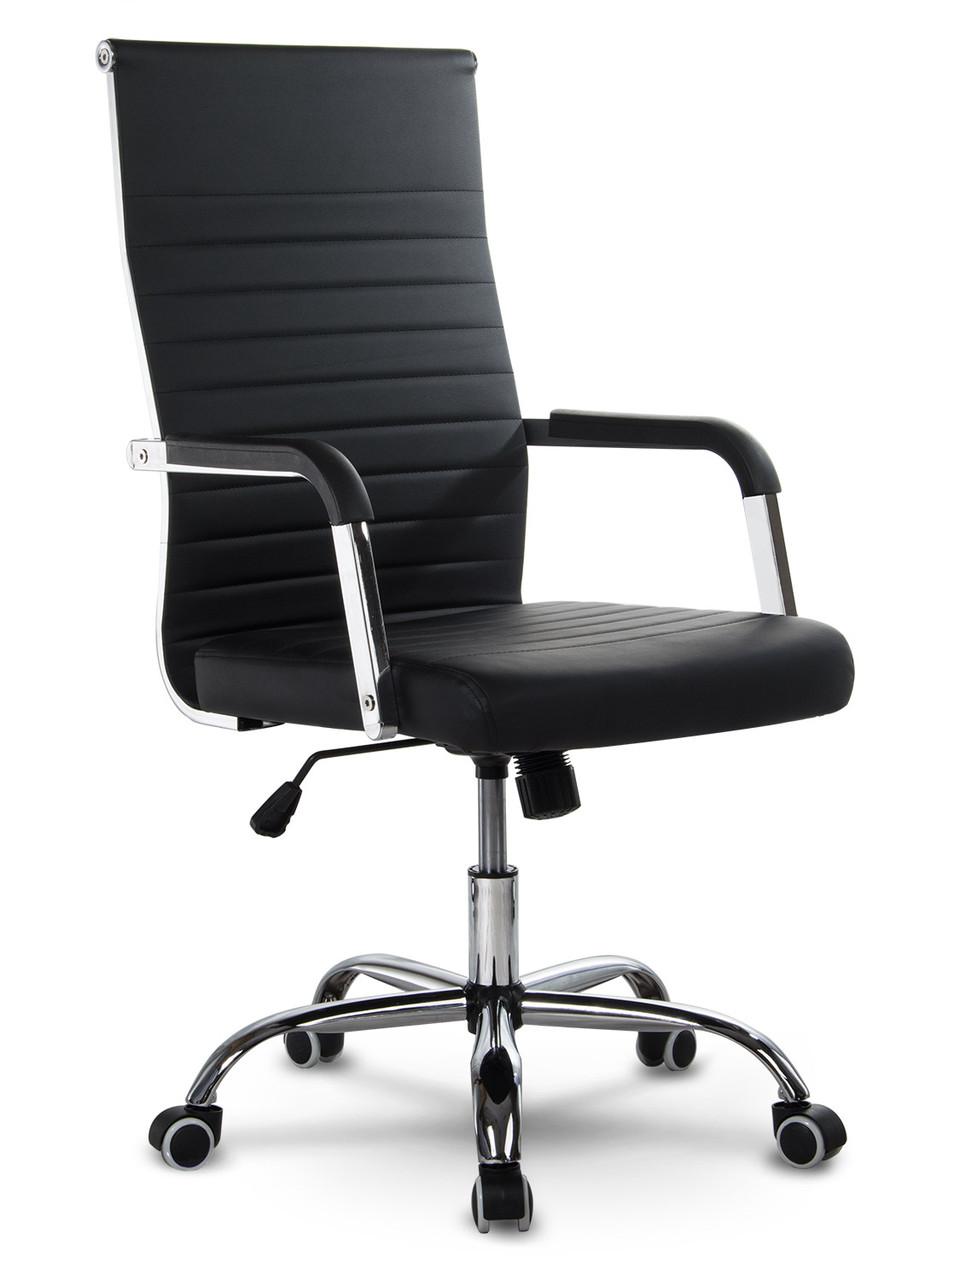 Кресло офисное современного дизайна Sofotel Boston черное